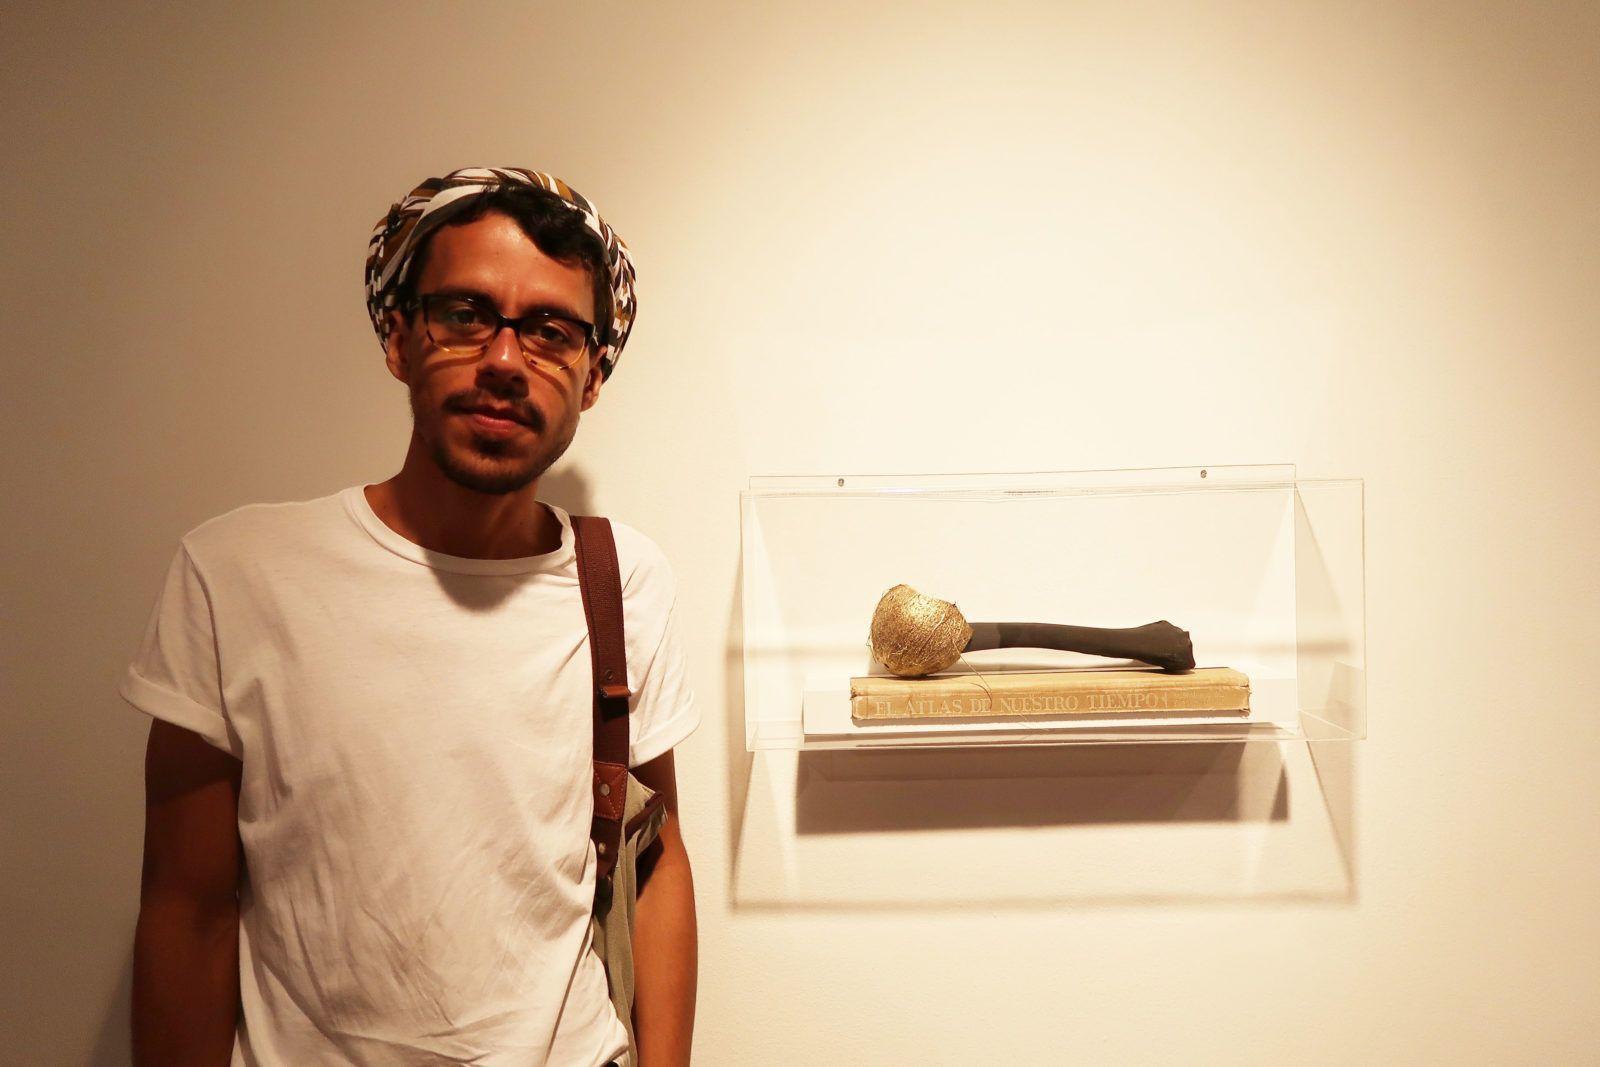 """Eduardo Vargas junto a su obra """"El Atlas de nuestro tiempo"""" de la serie """"Sumario"""" (2016) Foto: Daniela Gustuti"""